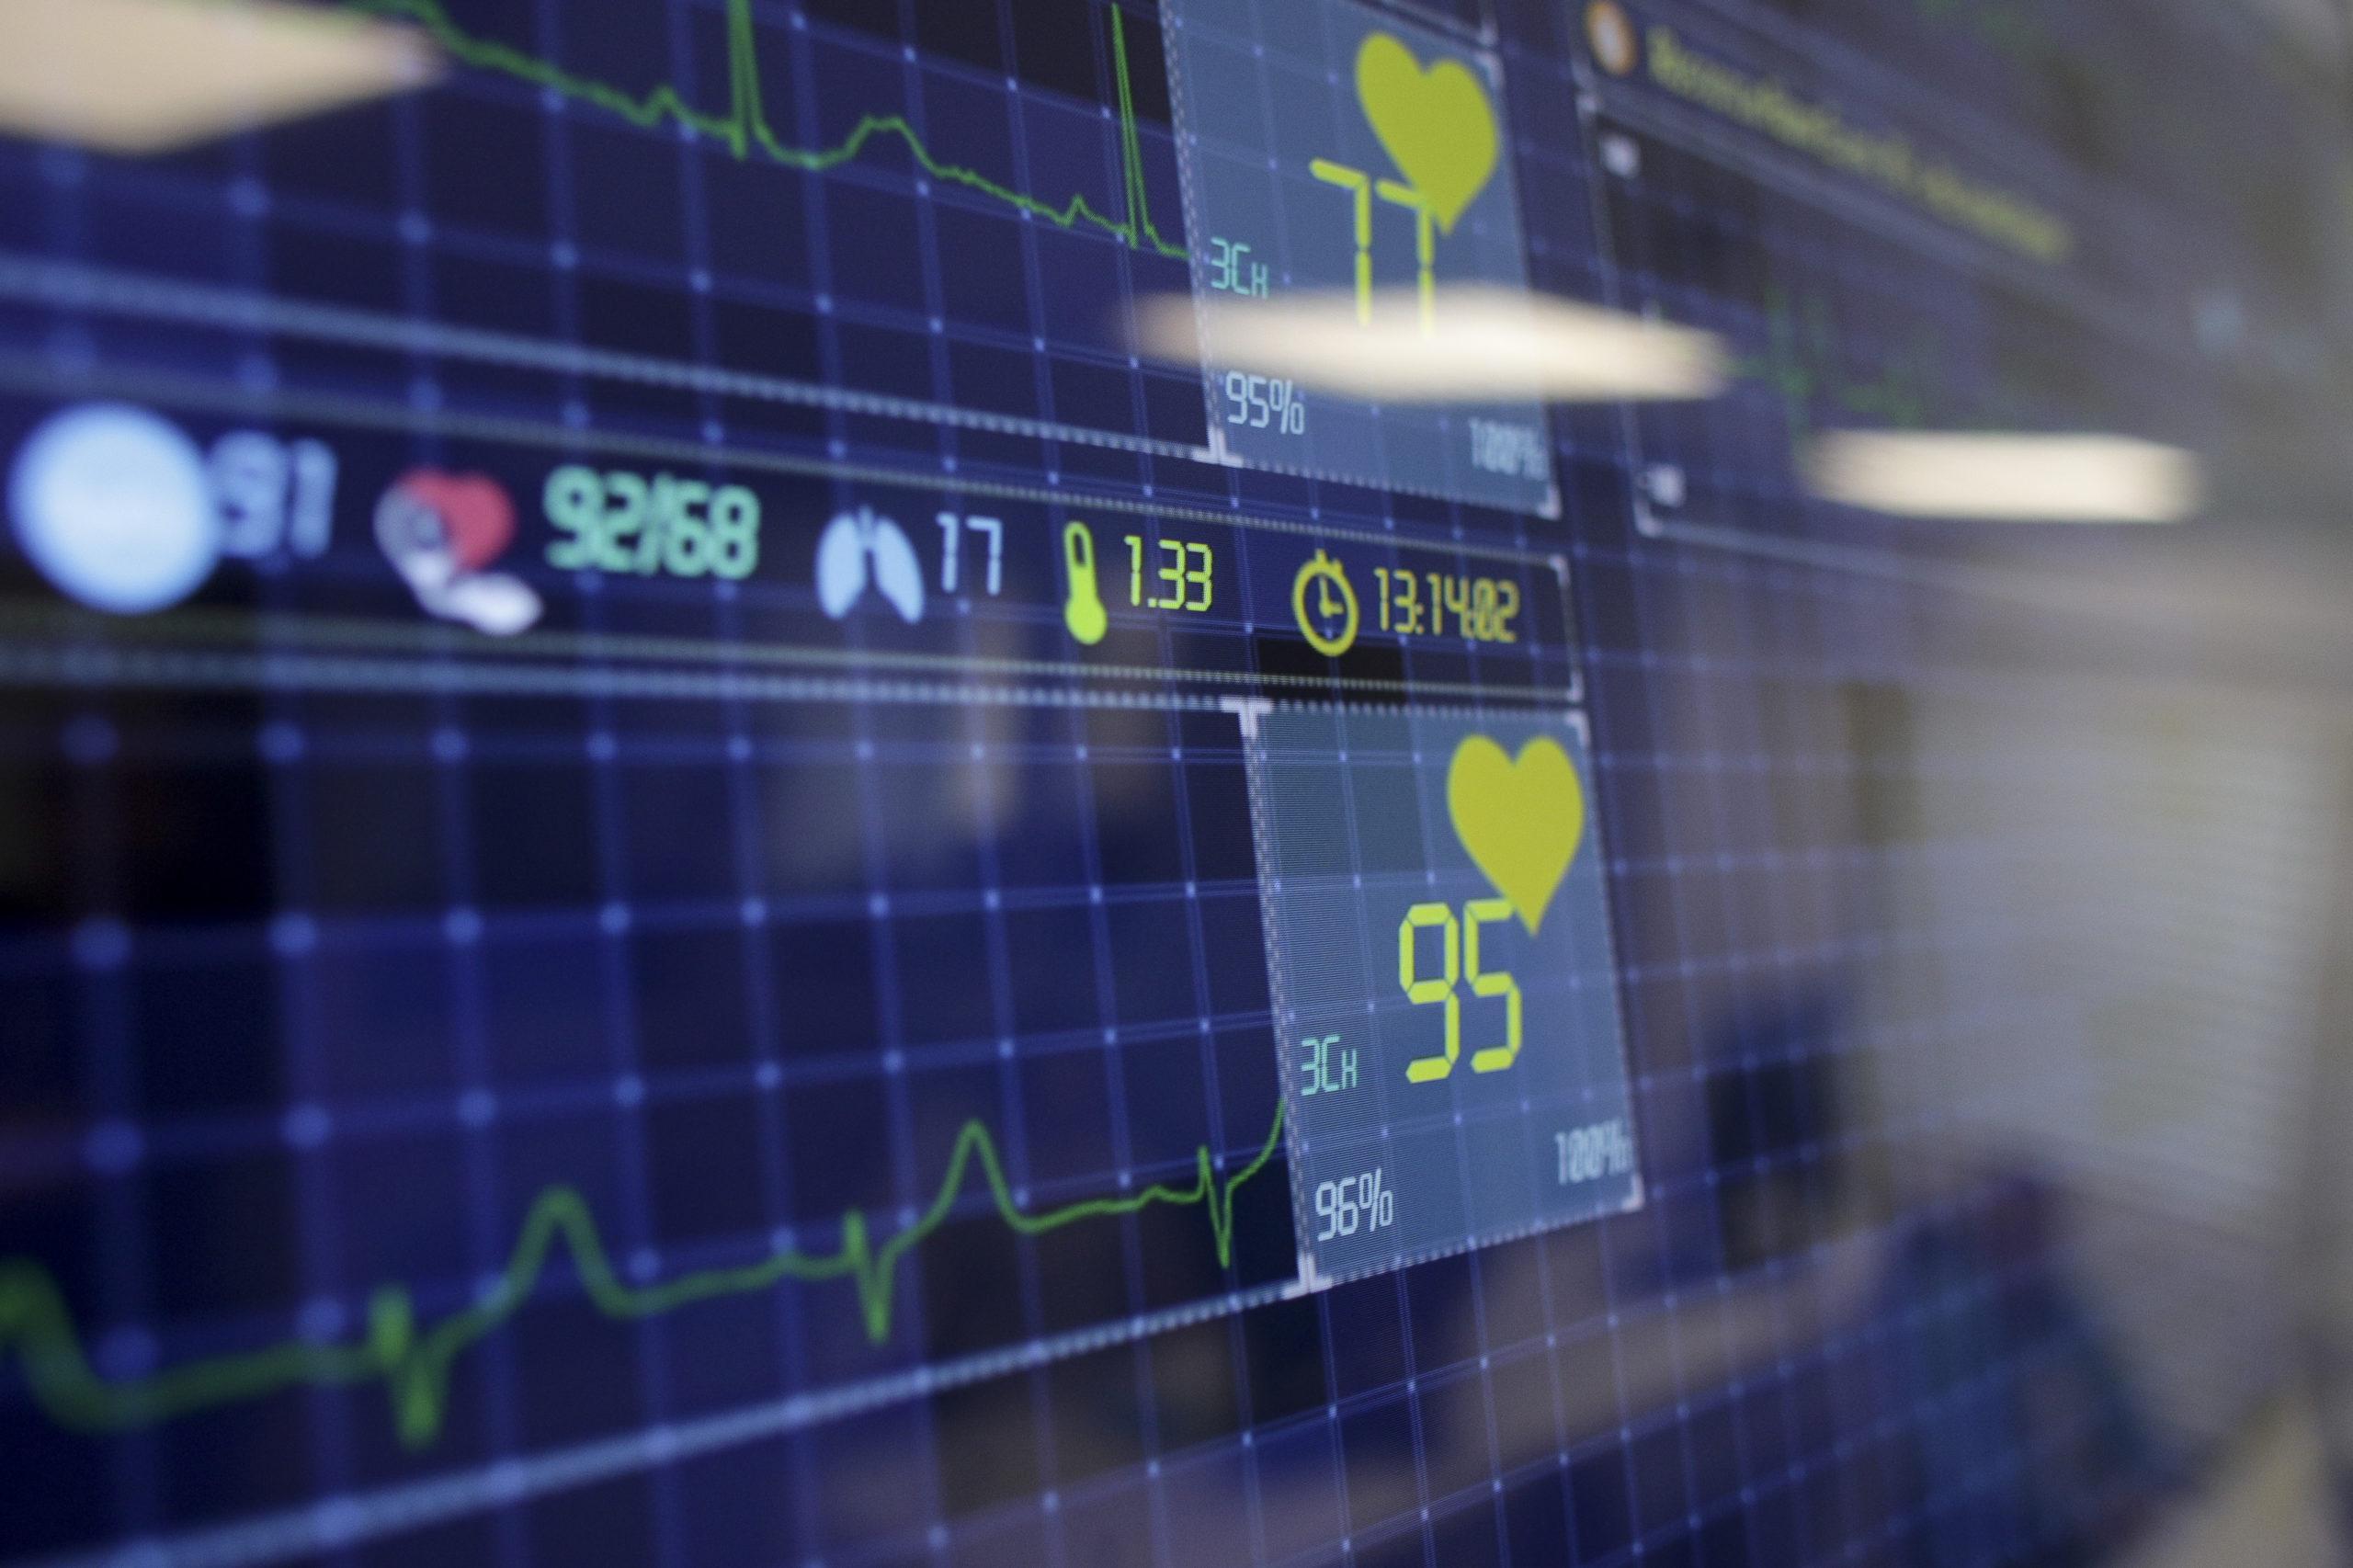 Bilanţul Italia coronavirus a ajuns la 13155 de morţi /În total, 110574 de cazuri de coronavirus